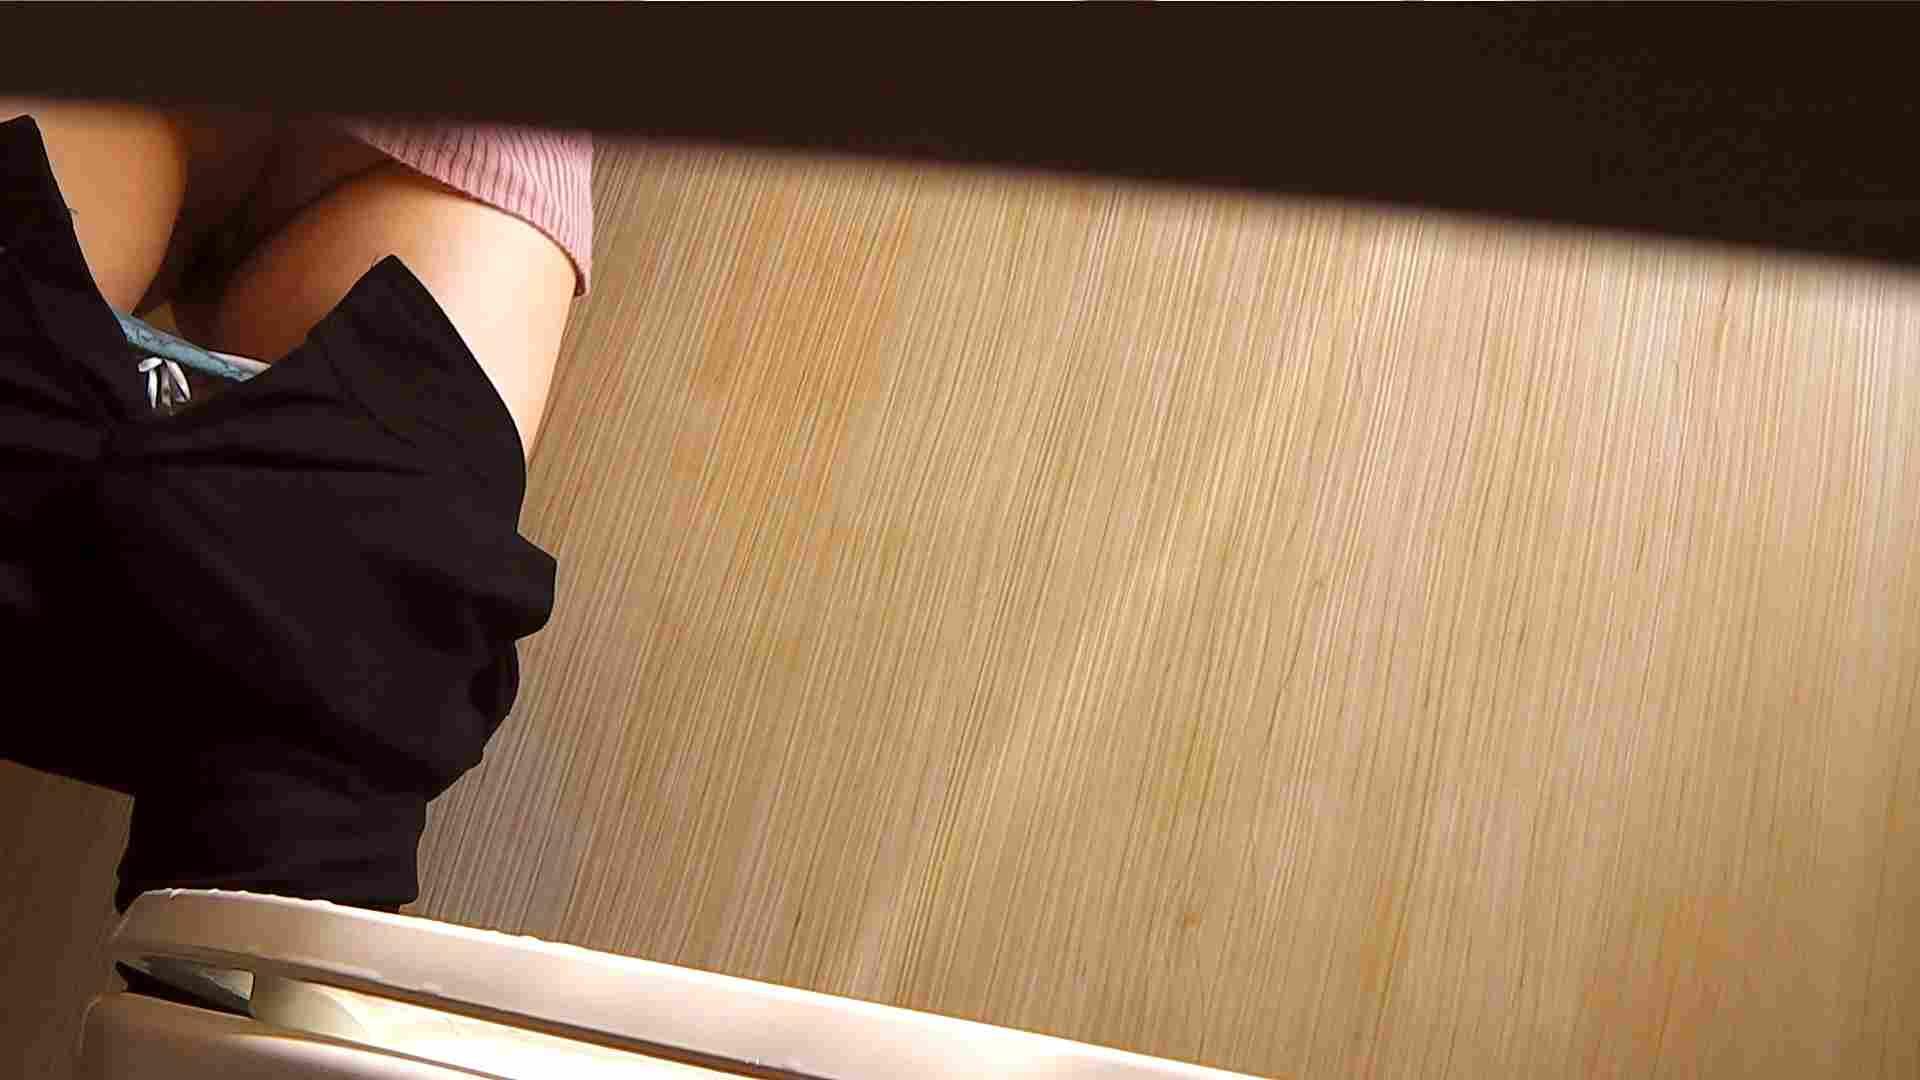 阿国ちゃんの「和式洋式七変化」No.1 洗面所   和式で踏ん張り中  50連発 27